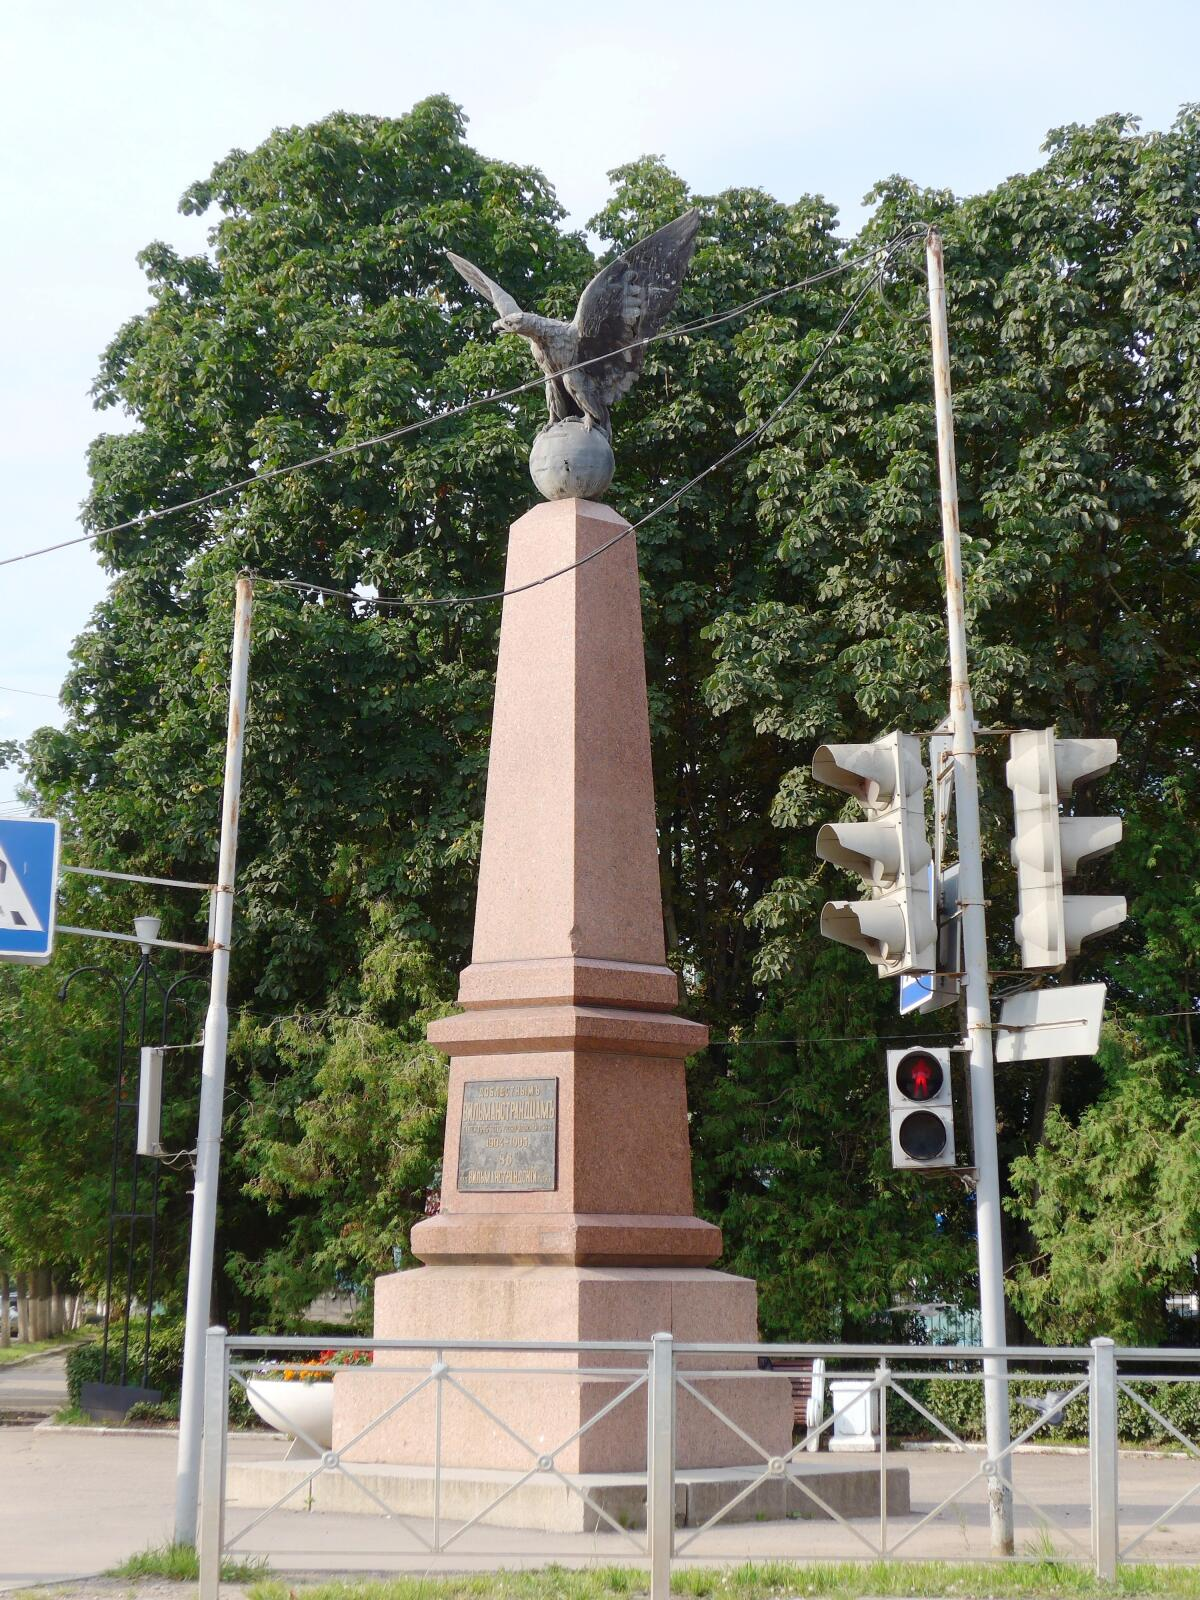 Памятник «Доблестнымъ вильманстрандцамъ, павшимъ въ бояхъ русско-японской войны 1904−1905 гг. пех. 86-ой Вильманстрандский полкъ»